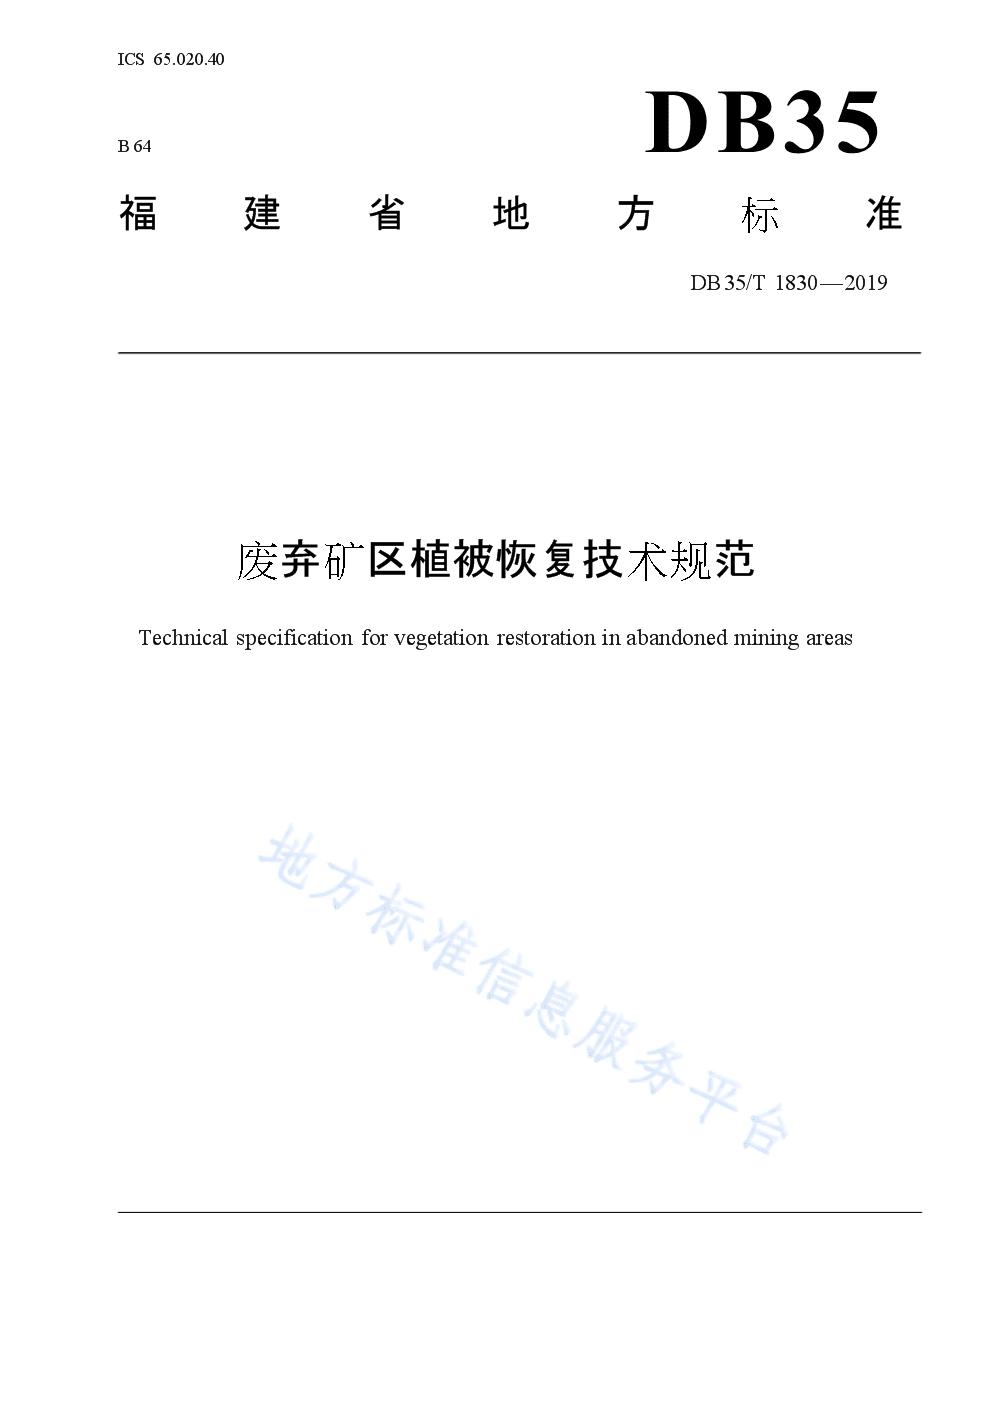 DB35_T 1830-2019 废弃矿区植被恢复技术规范.docx